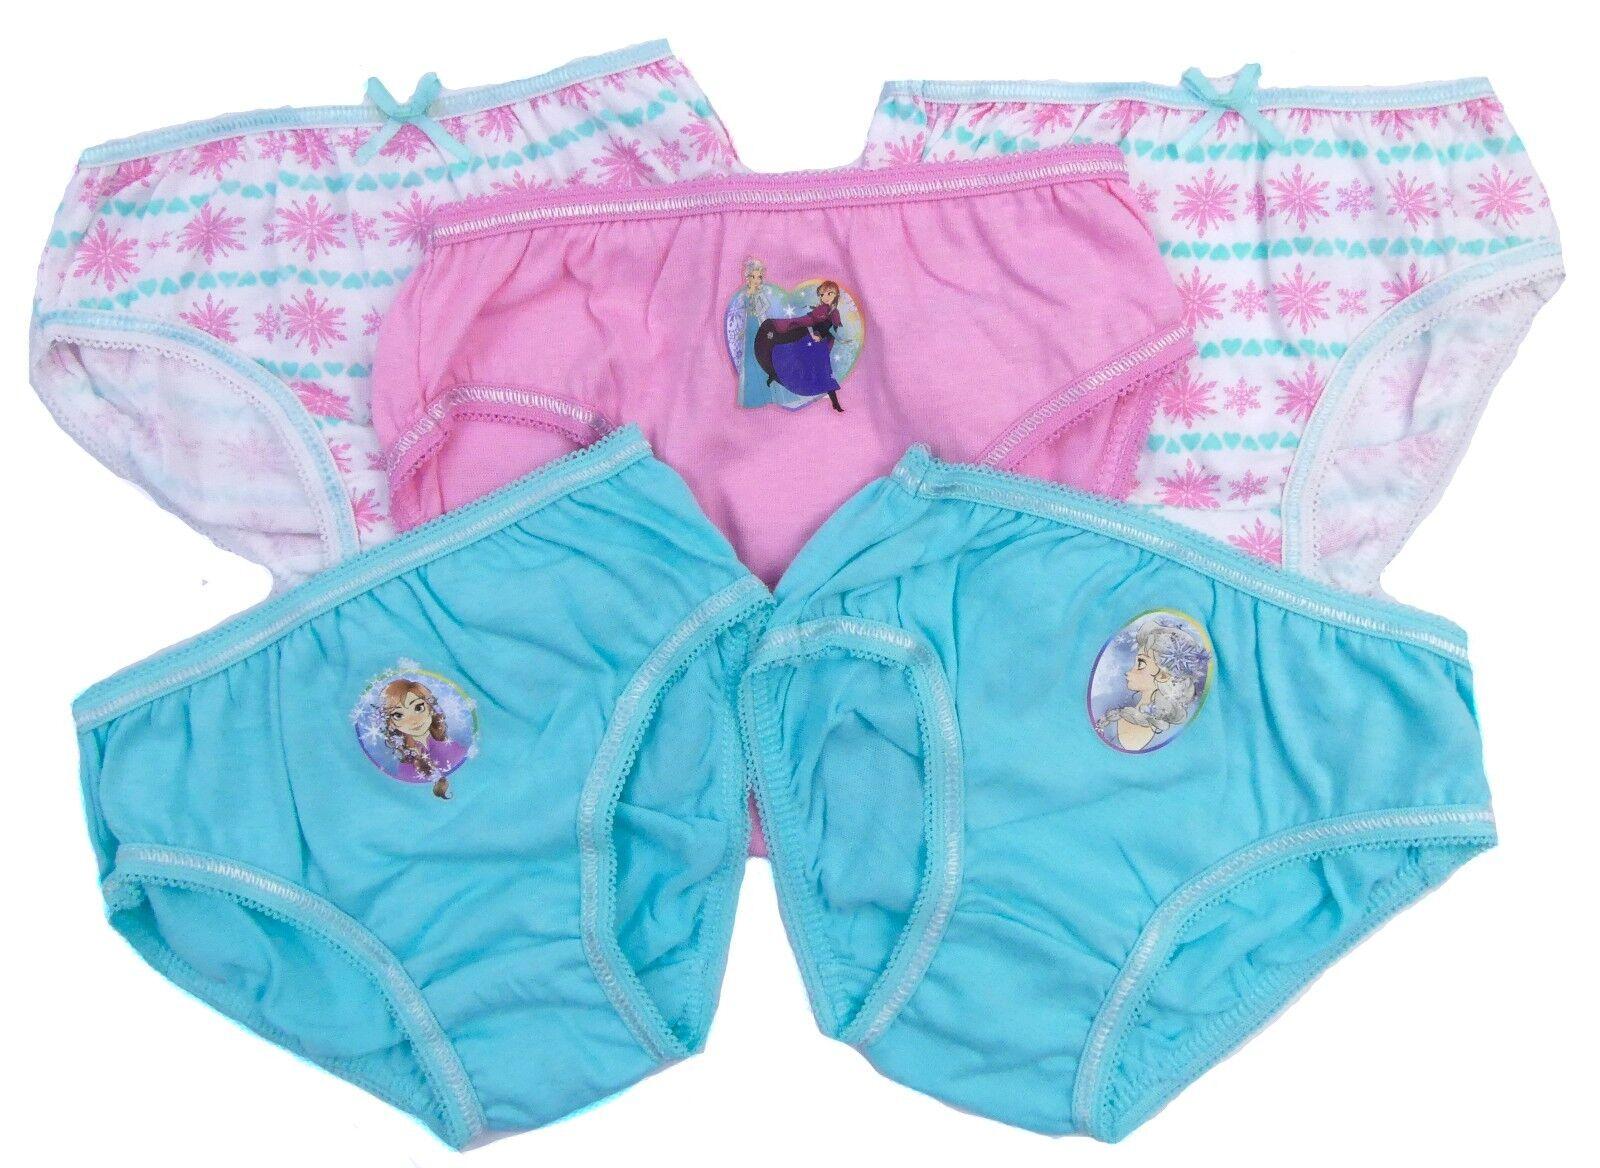 Girls Frozen briefs 3 pack underwear set cotton and boxer shorts